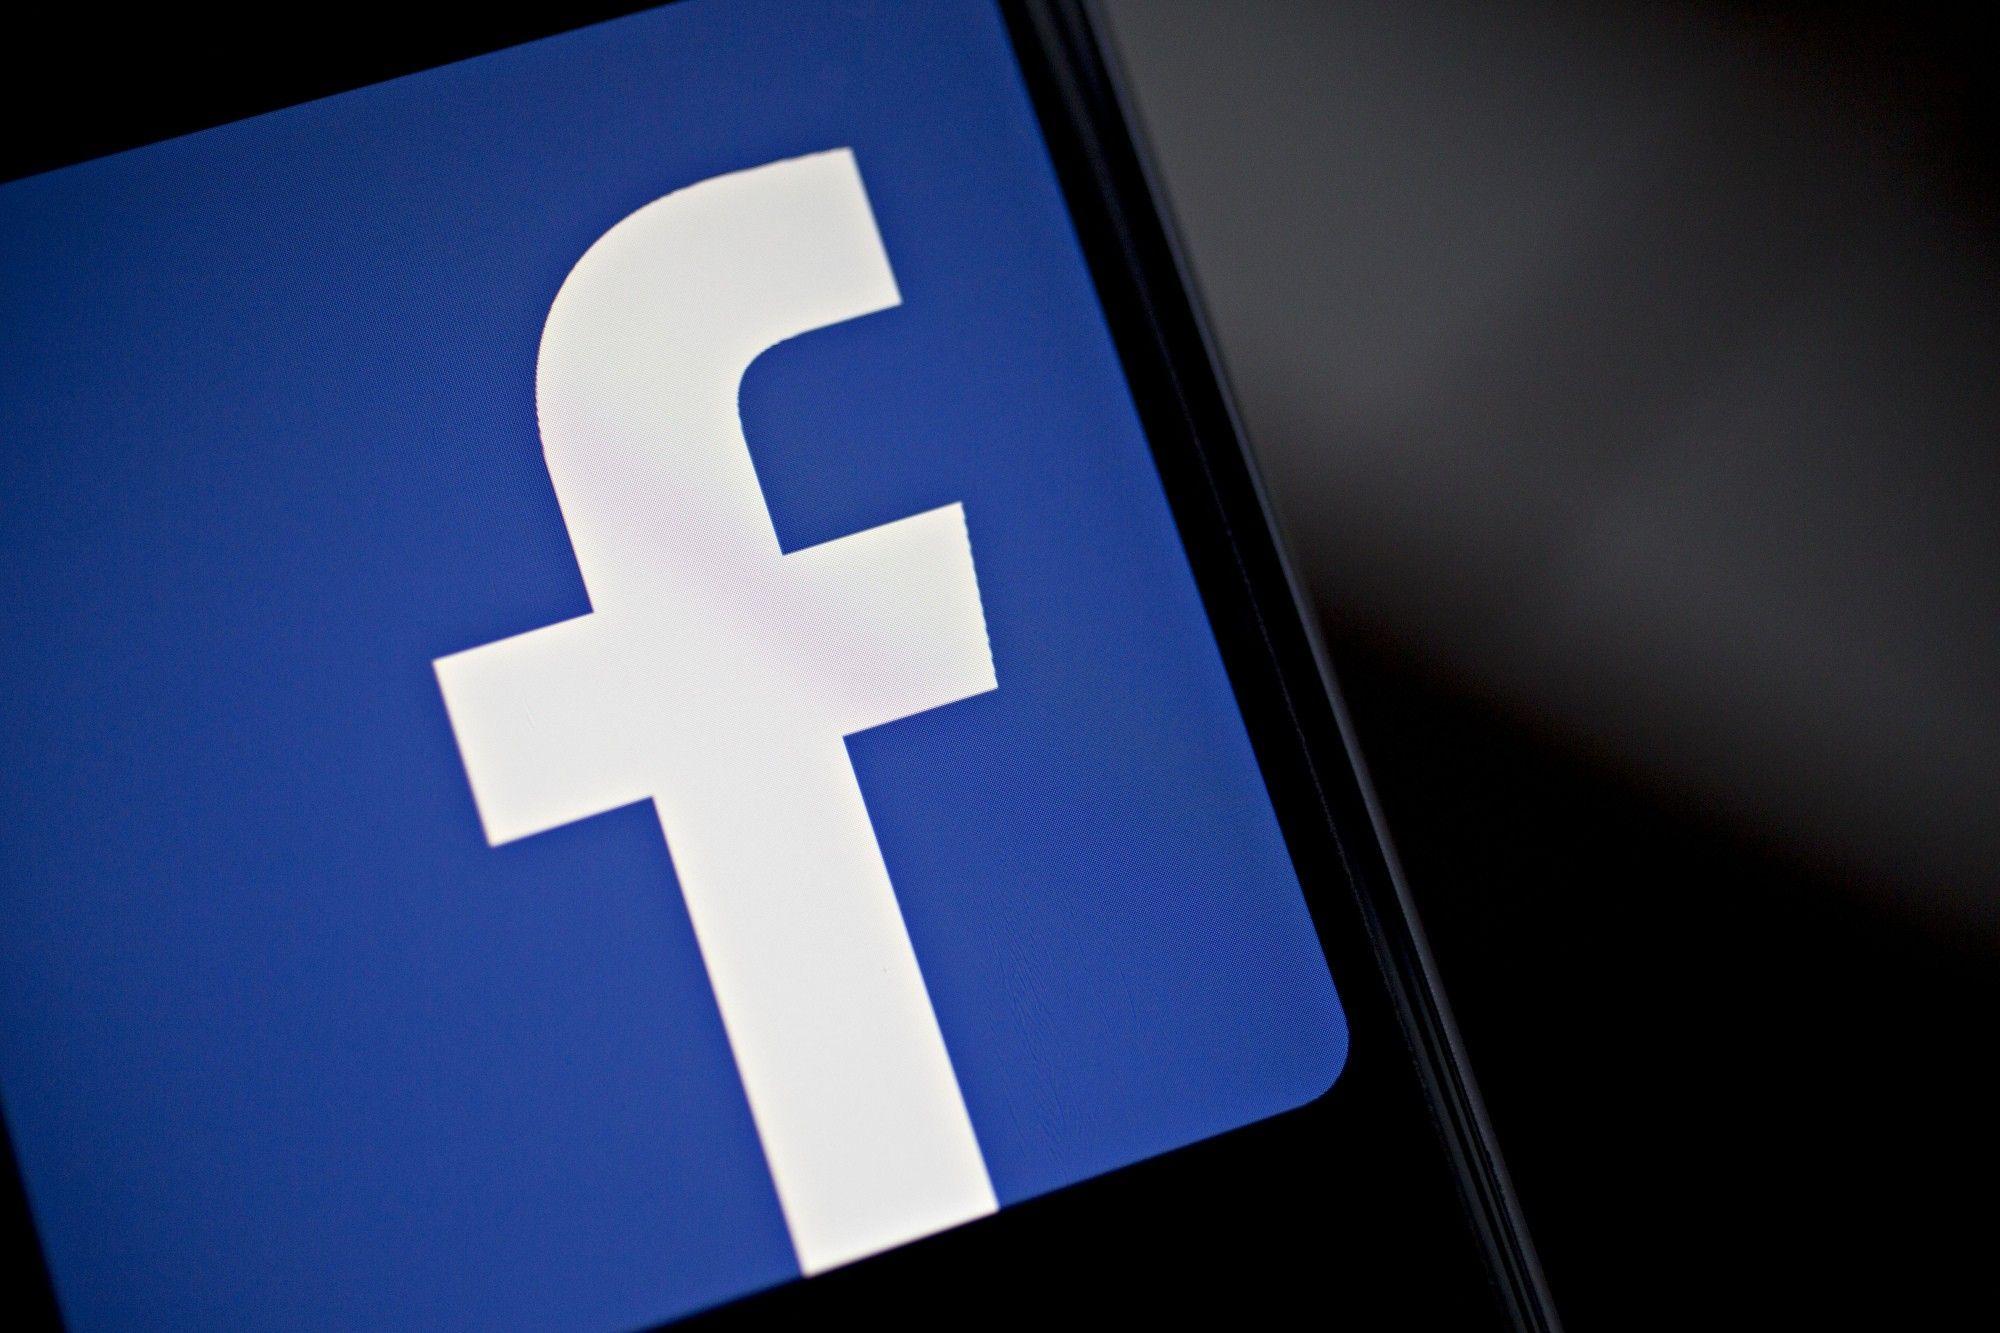 Facebook prohíbe a aplicaciones recopilar datos no relacionados